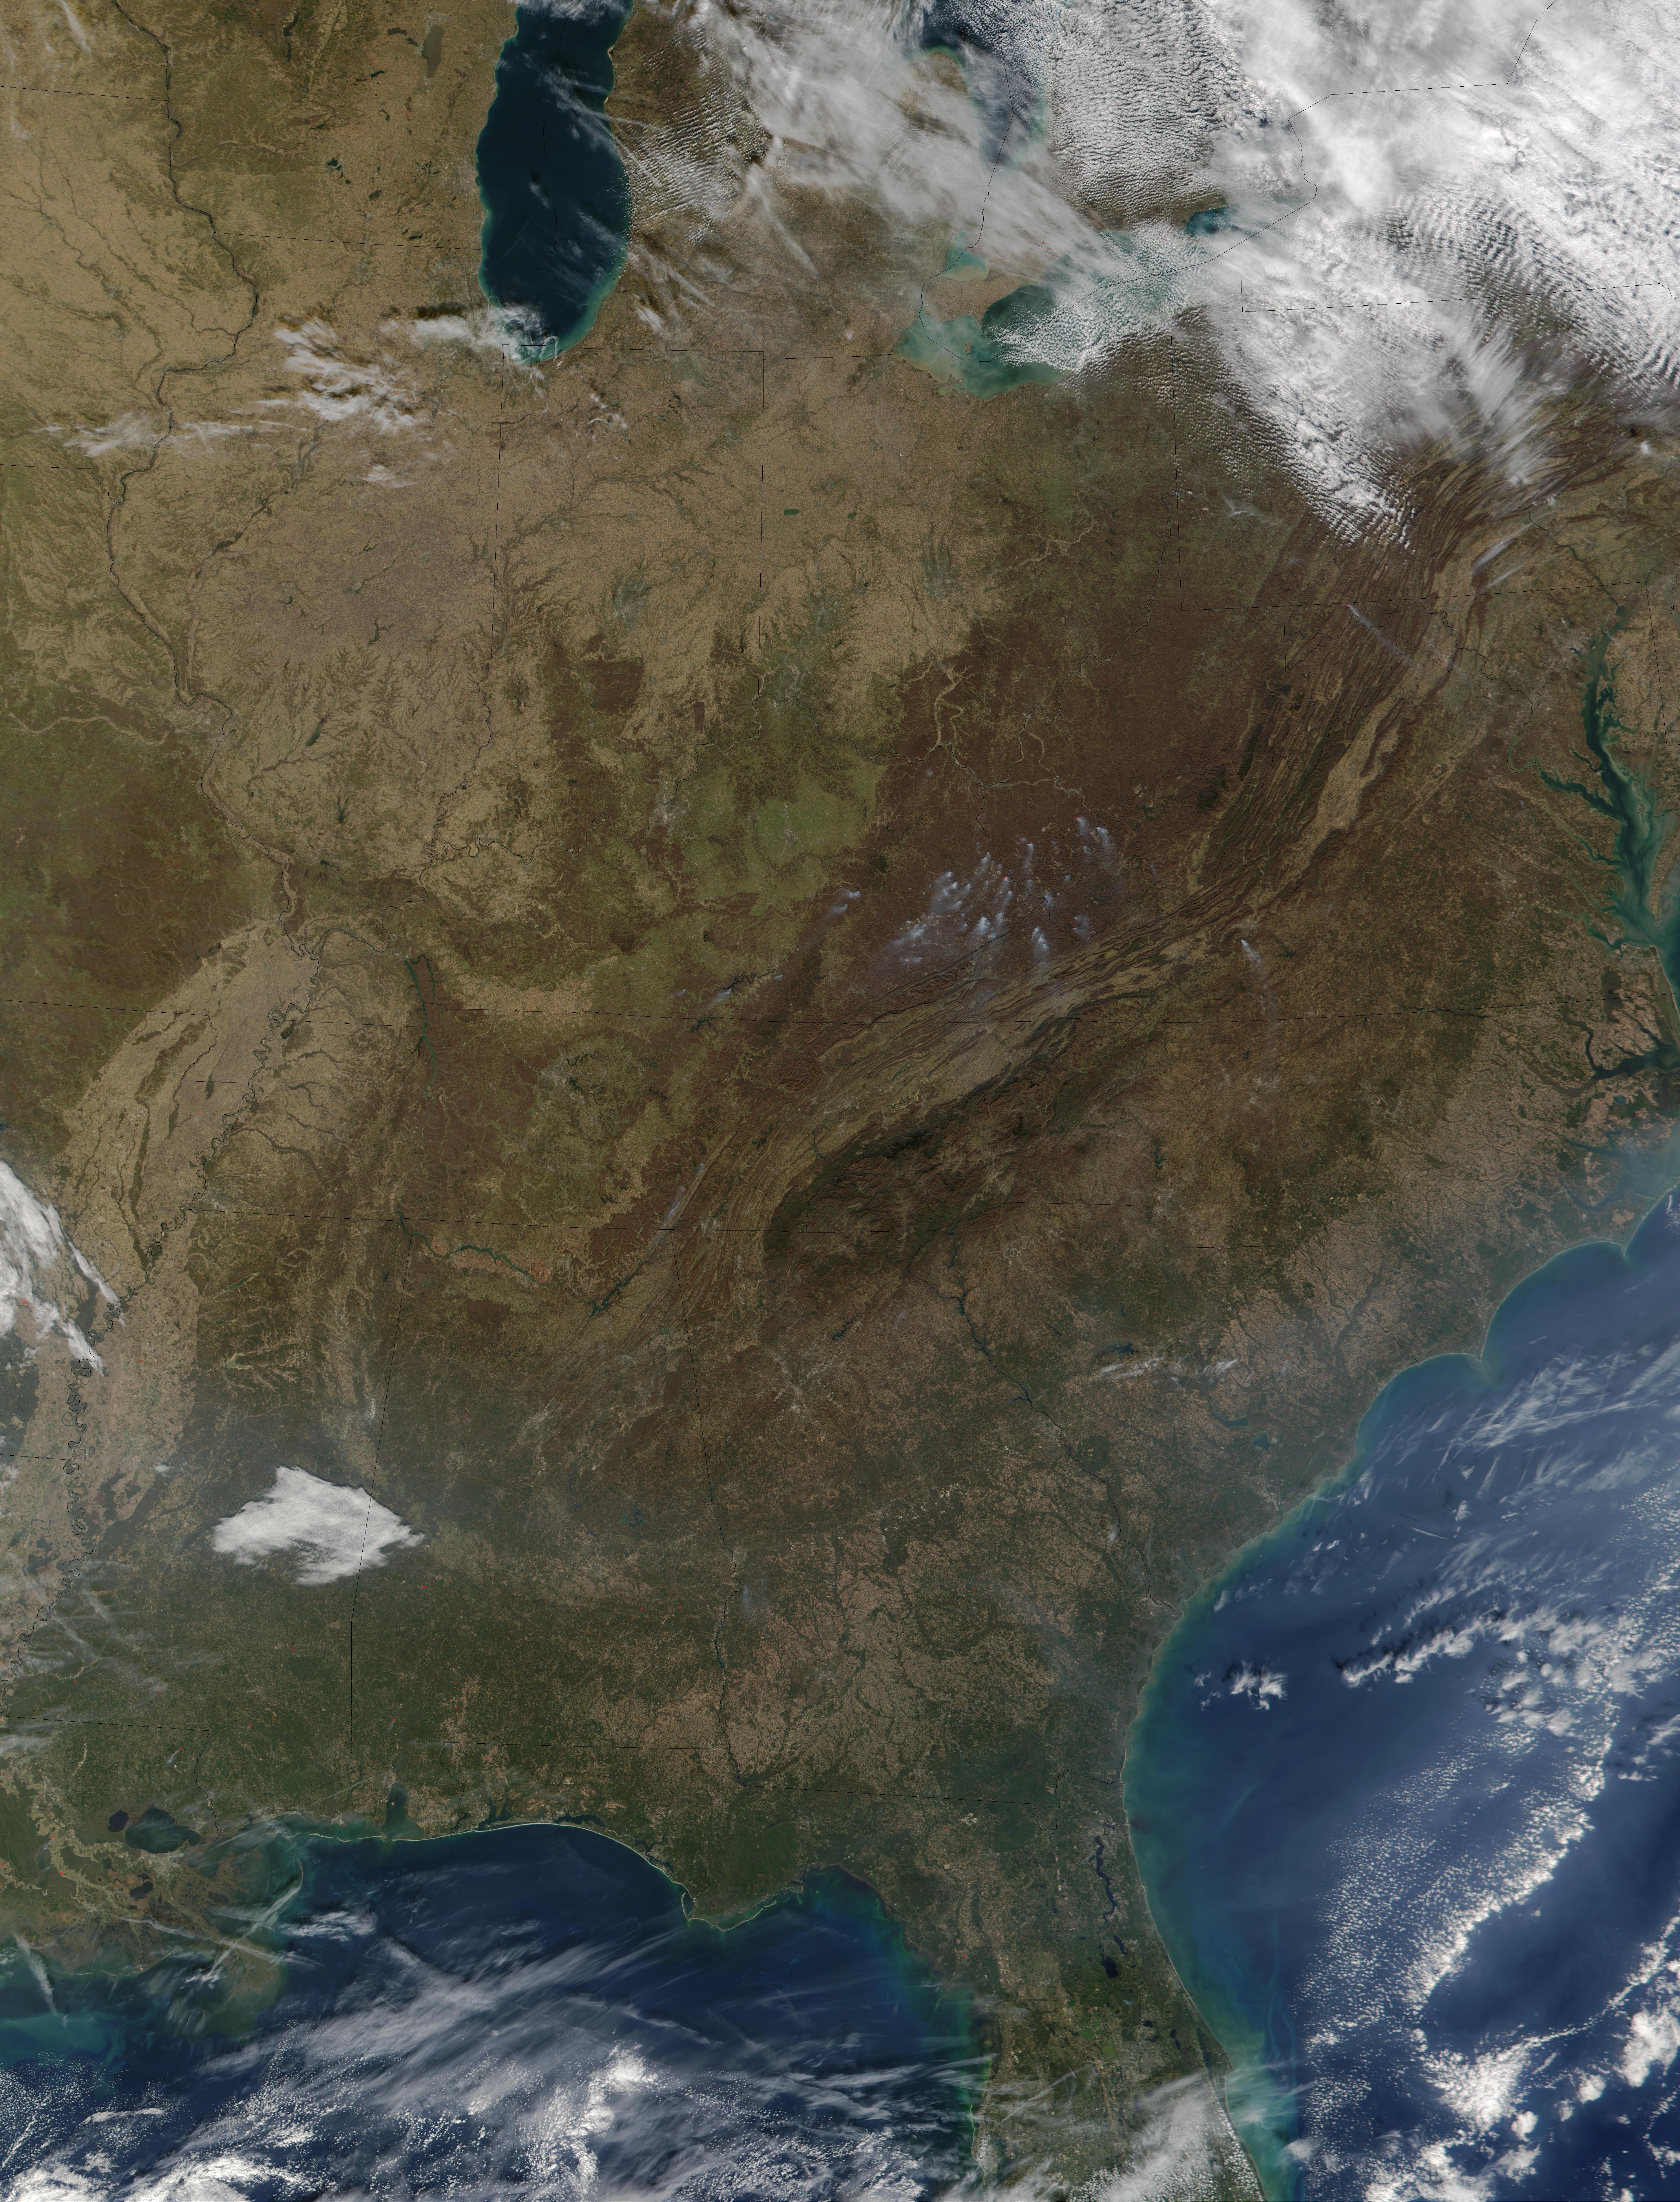 Incendio forestal en Estados Unidos oriental